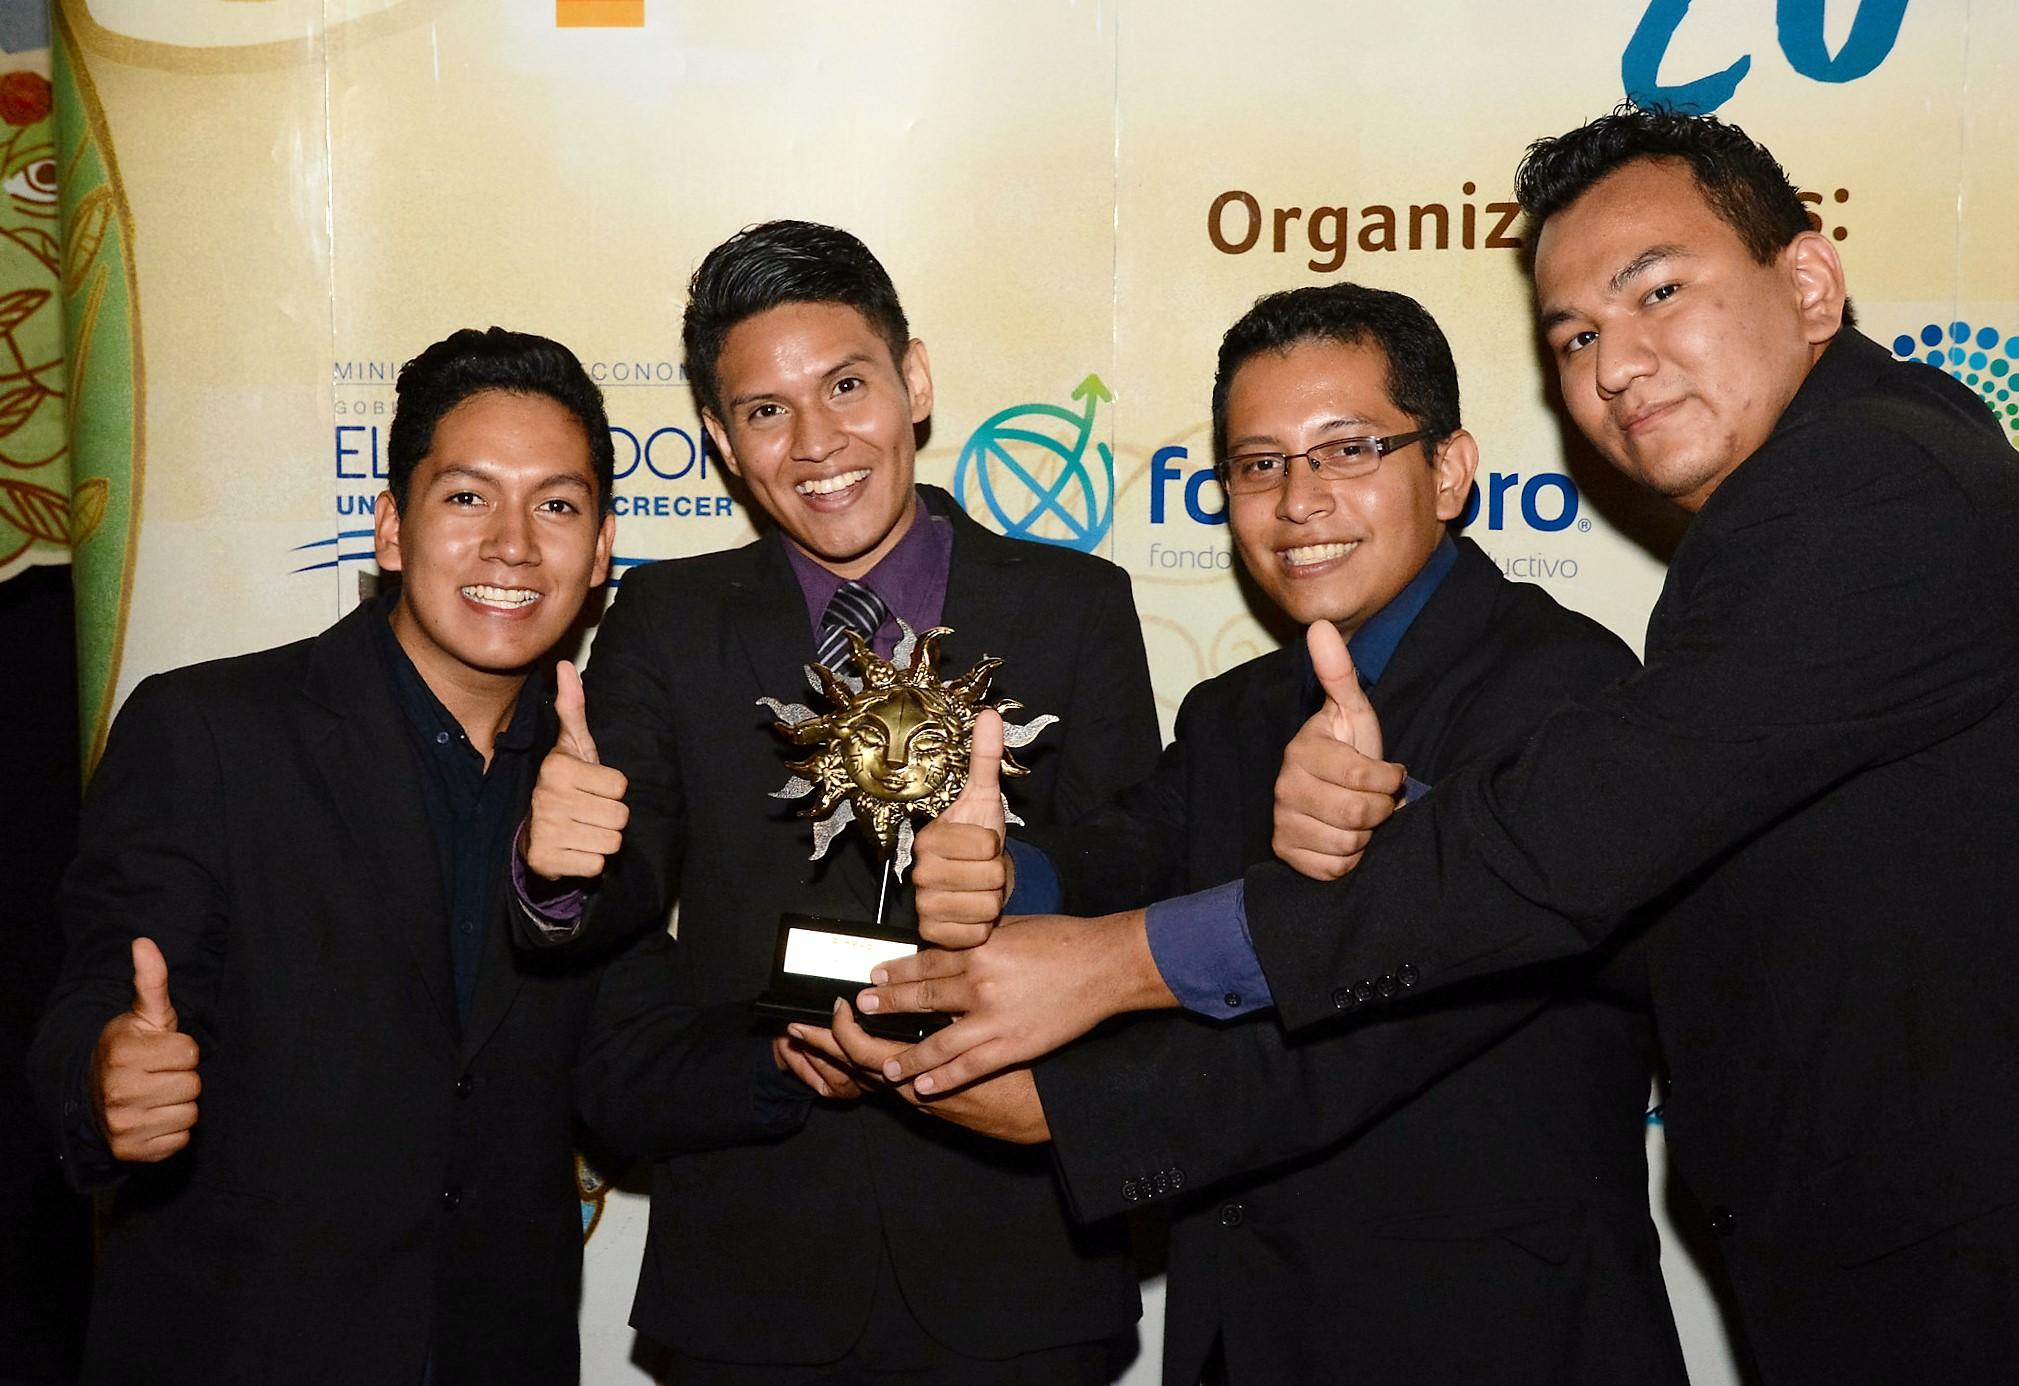 Ministerio de Economía premia a ganadores de  VIII edición de premios Pixels